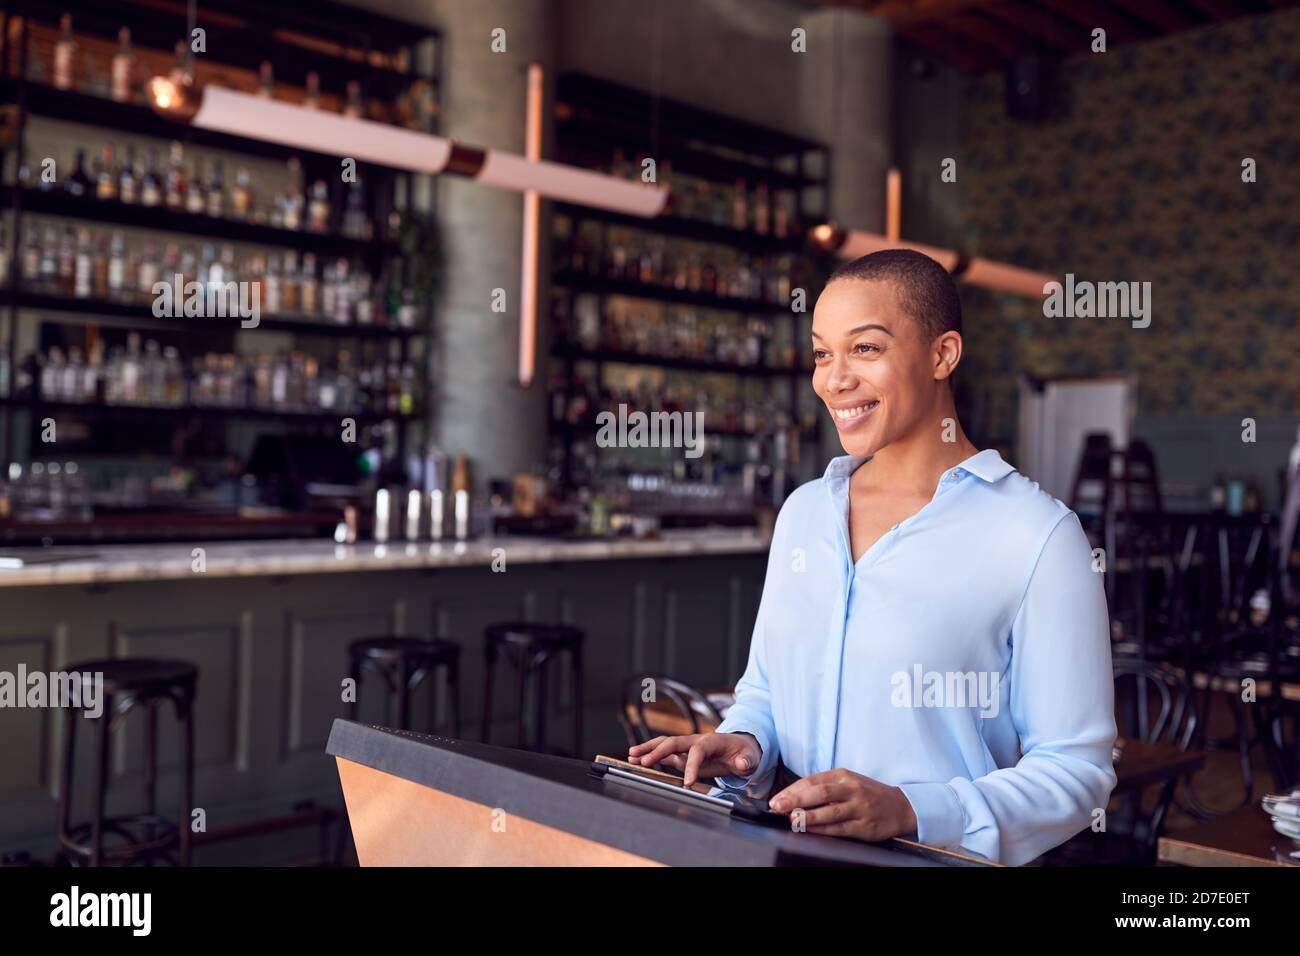 Femme propriétaire du bar-restaurant debout au comptoir en utilisant le numérique Tablette Banque D'Images